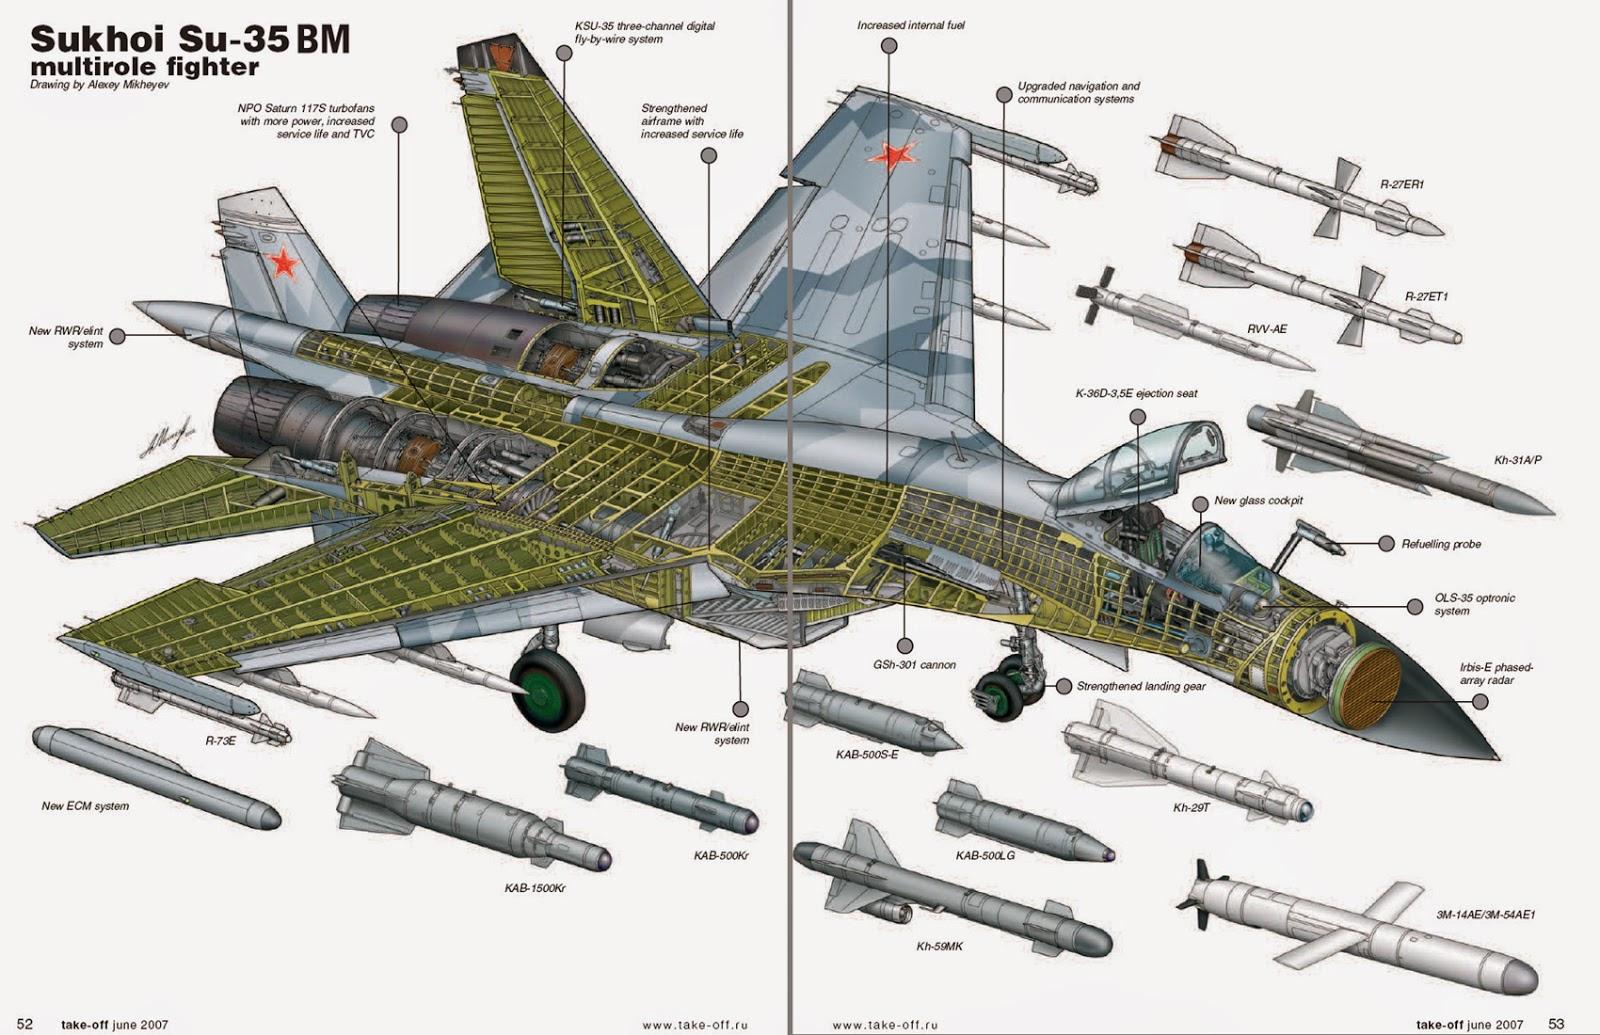 Sukhoi Su-35 BM